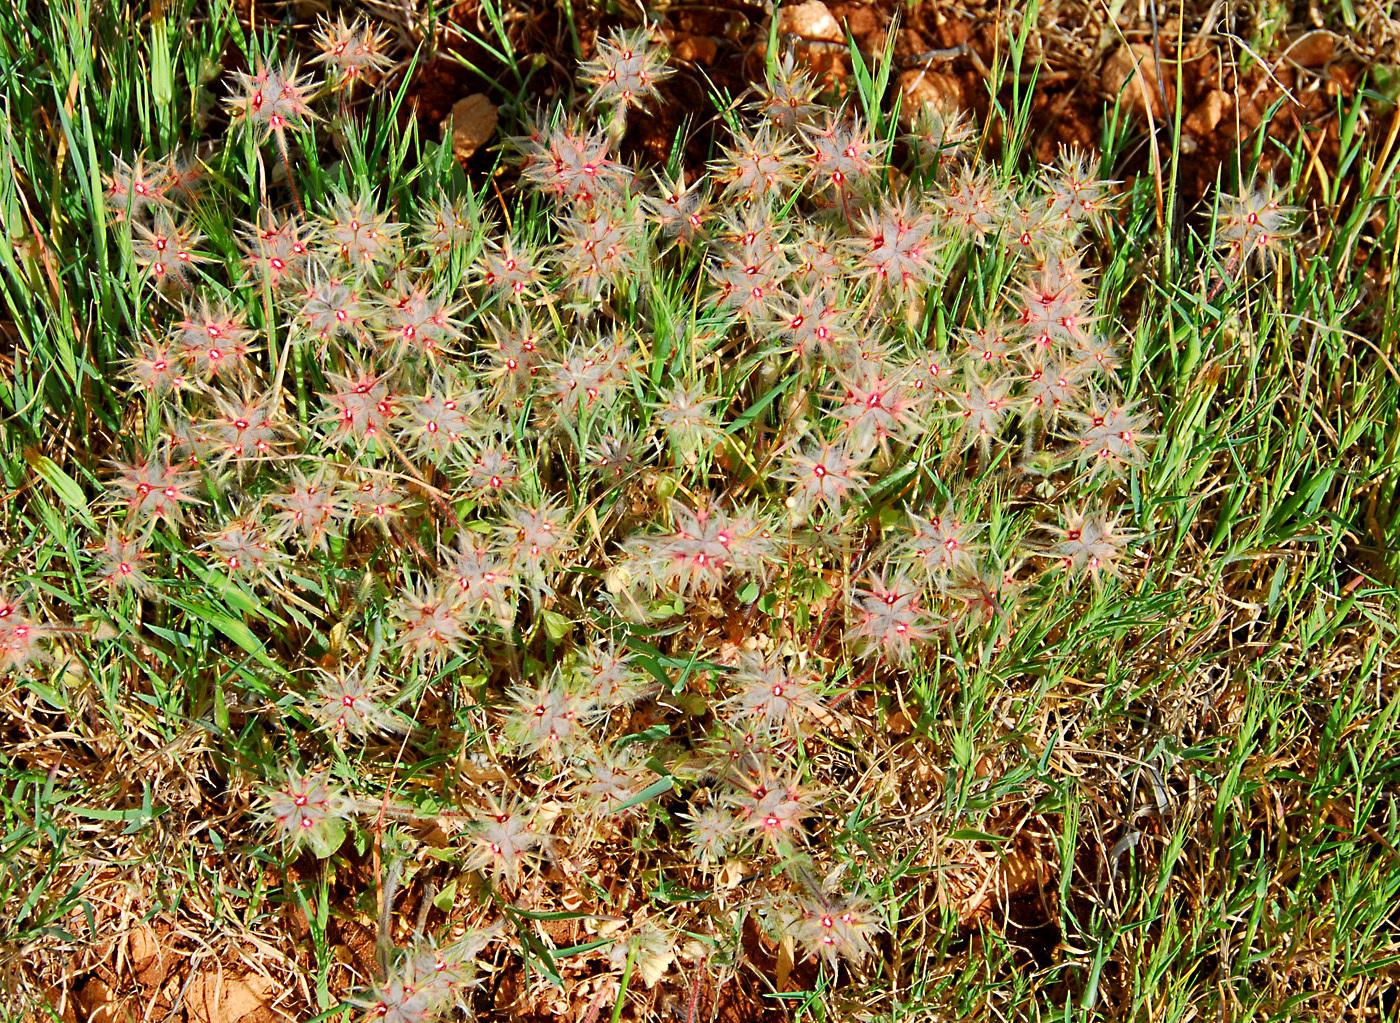 https://pictures.bgbm.org/digilib/Scaler?fn=Cyprus/Trifolium_stellatum_C1.jpg&mo=file